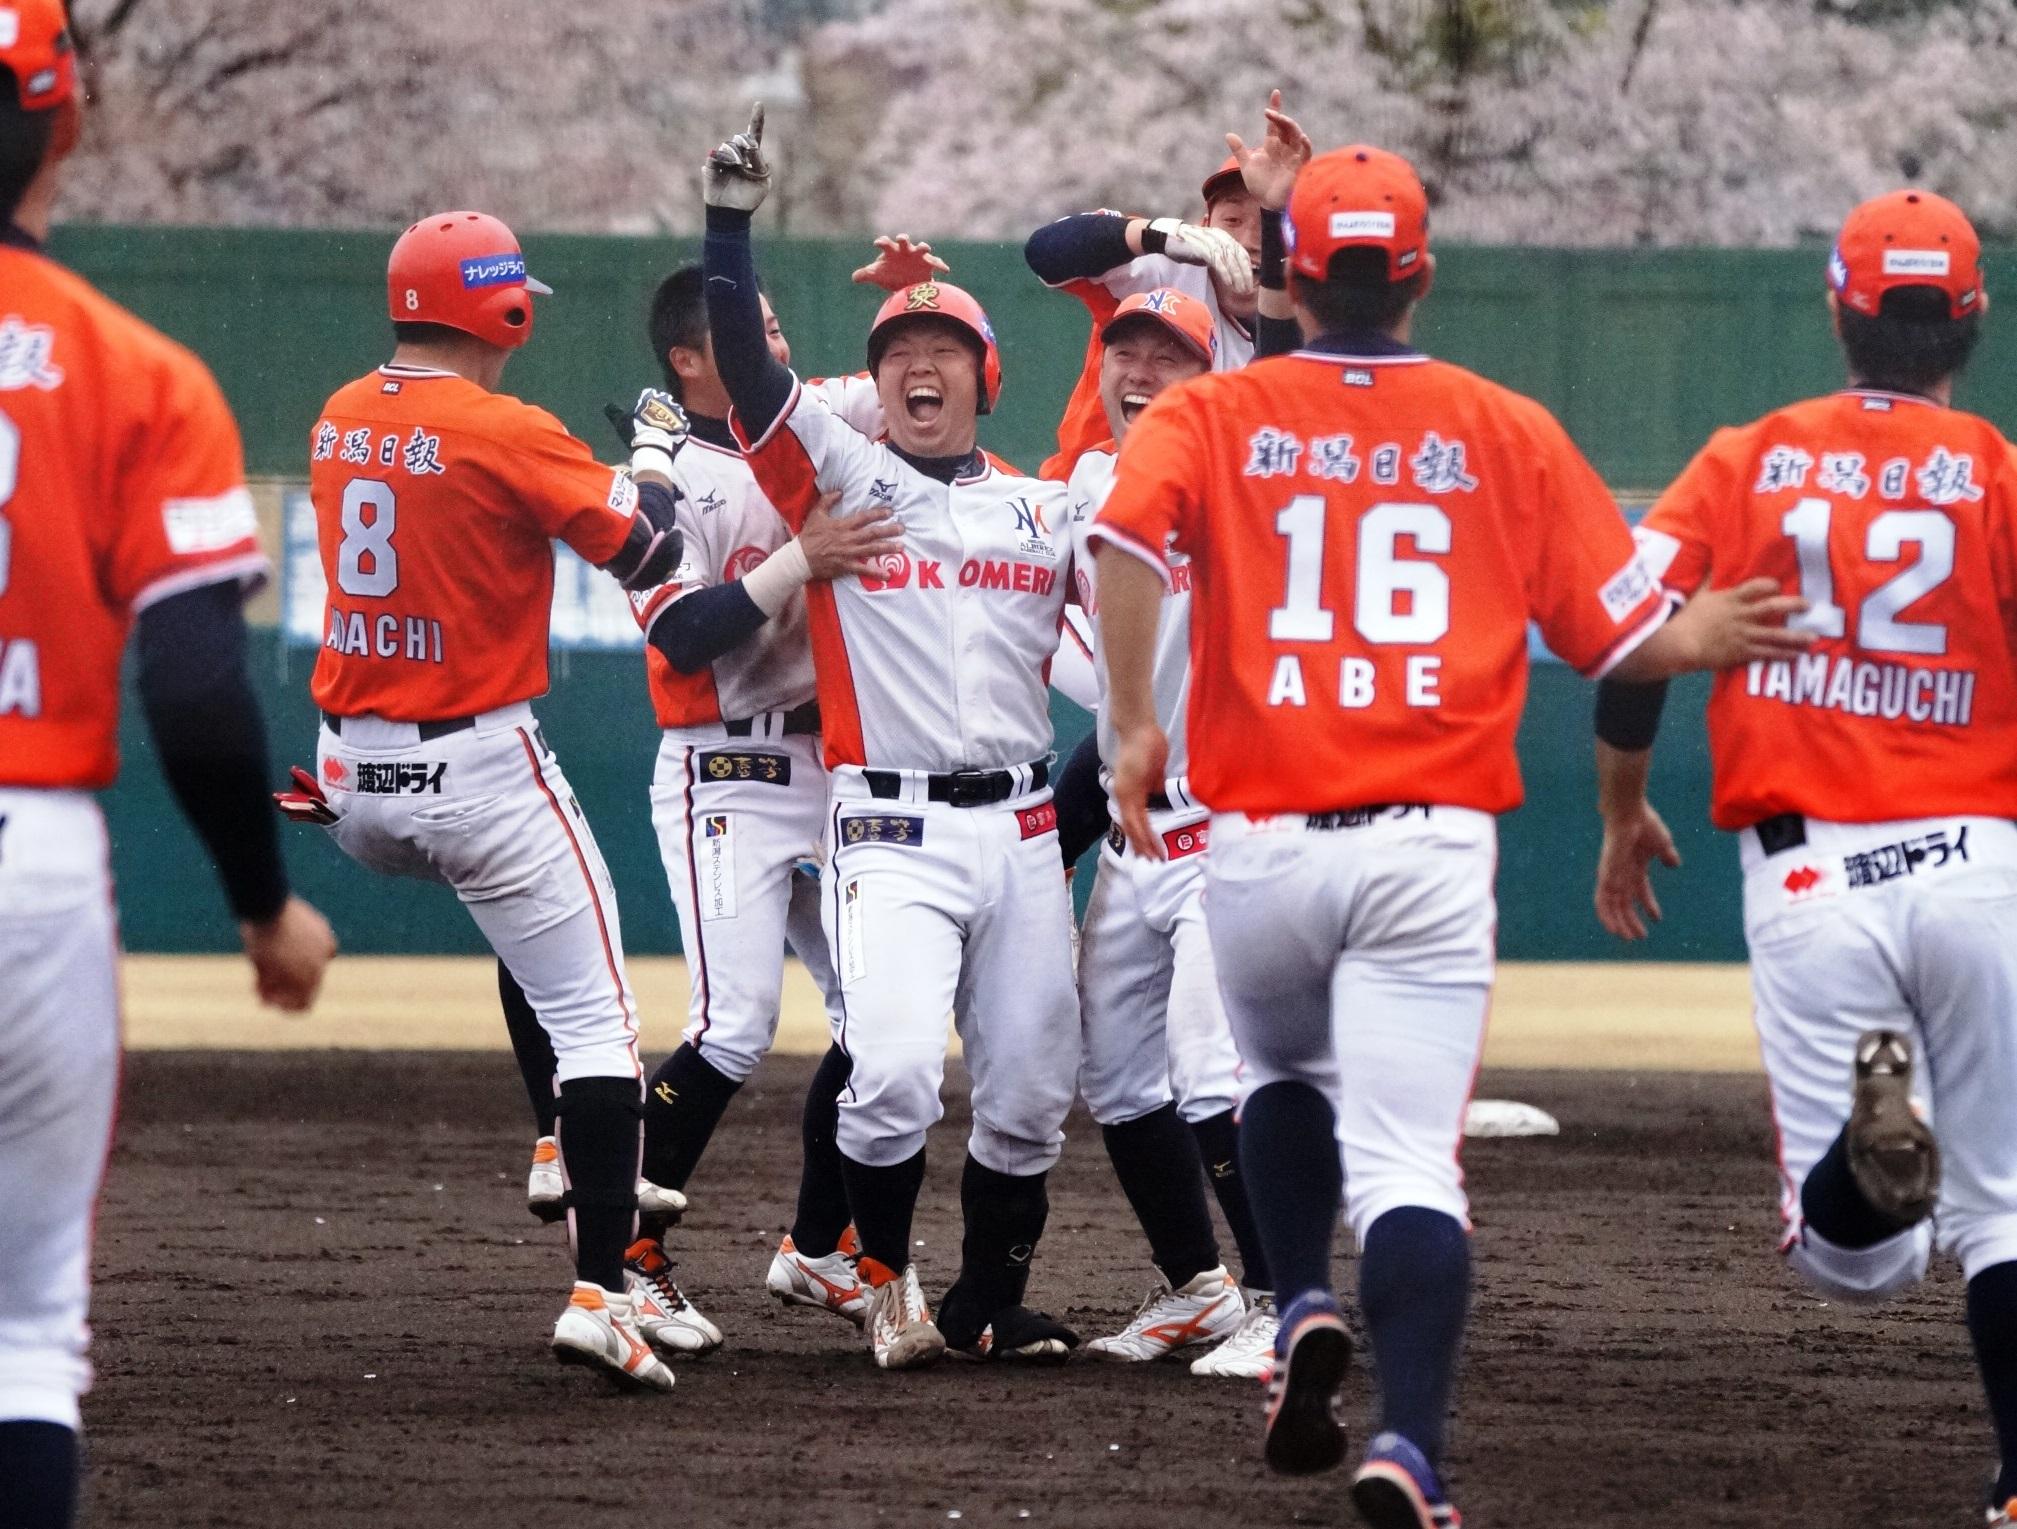 新潟野球ドットコム【ルートインBCL】新潟が逆転サヨナラ勝ち 東地区首位守る